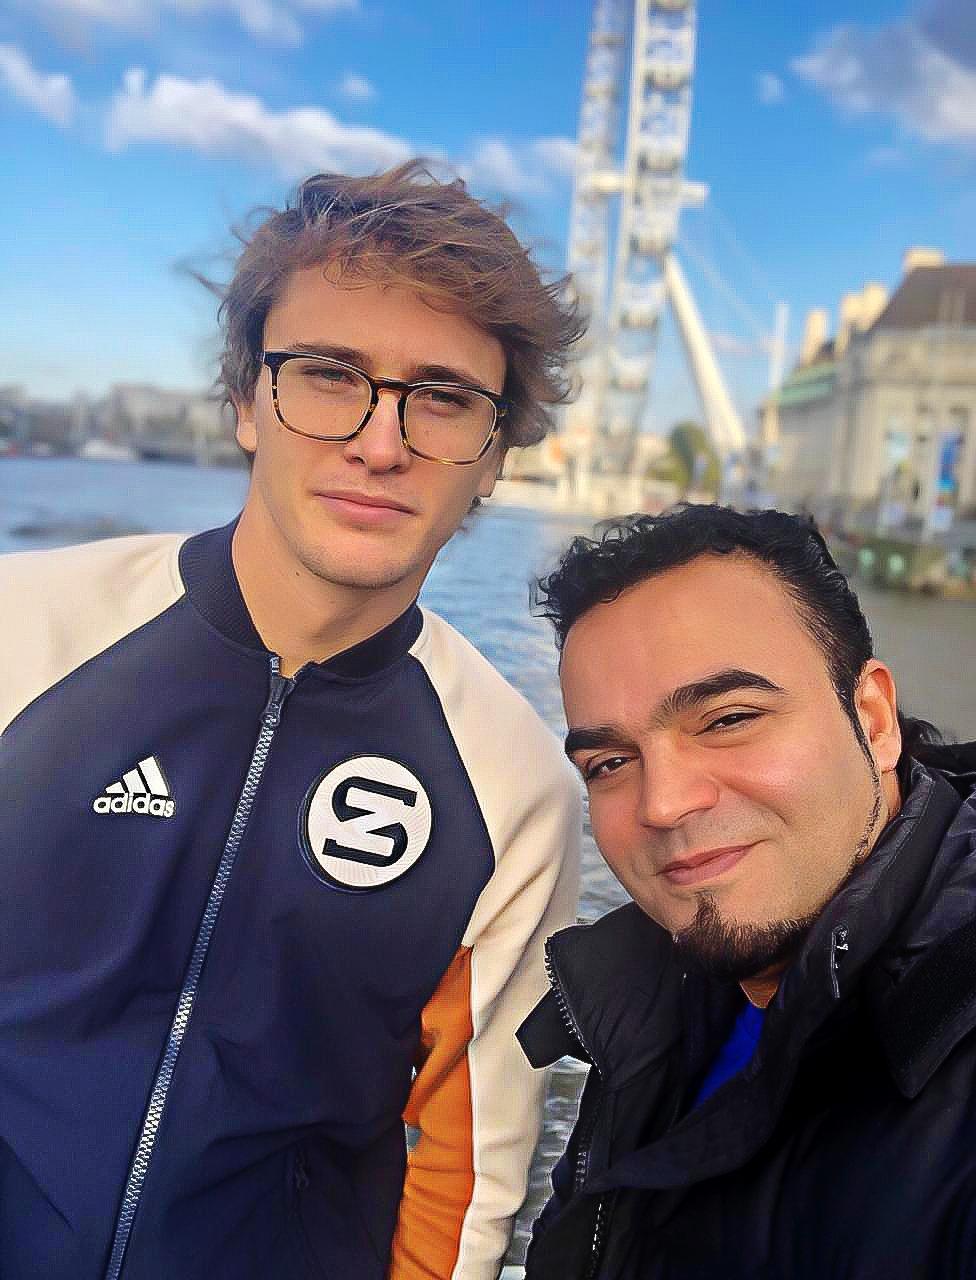 Мехди Эбрагими Вафа и Александр Зверев, Лондон 2019